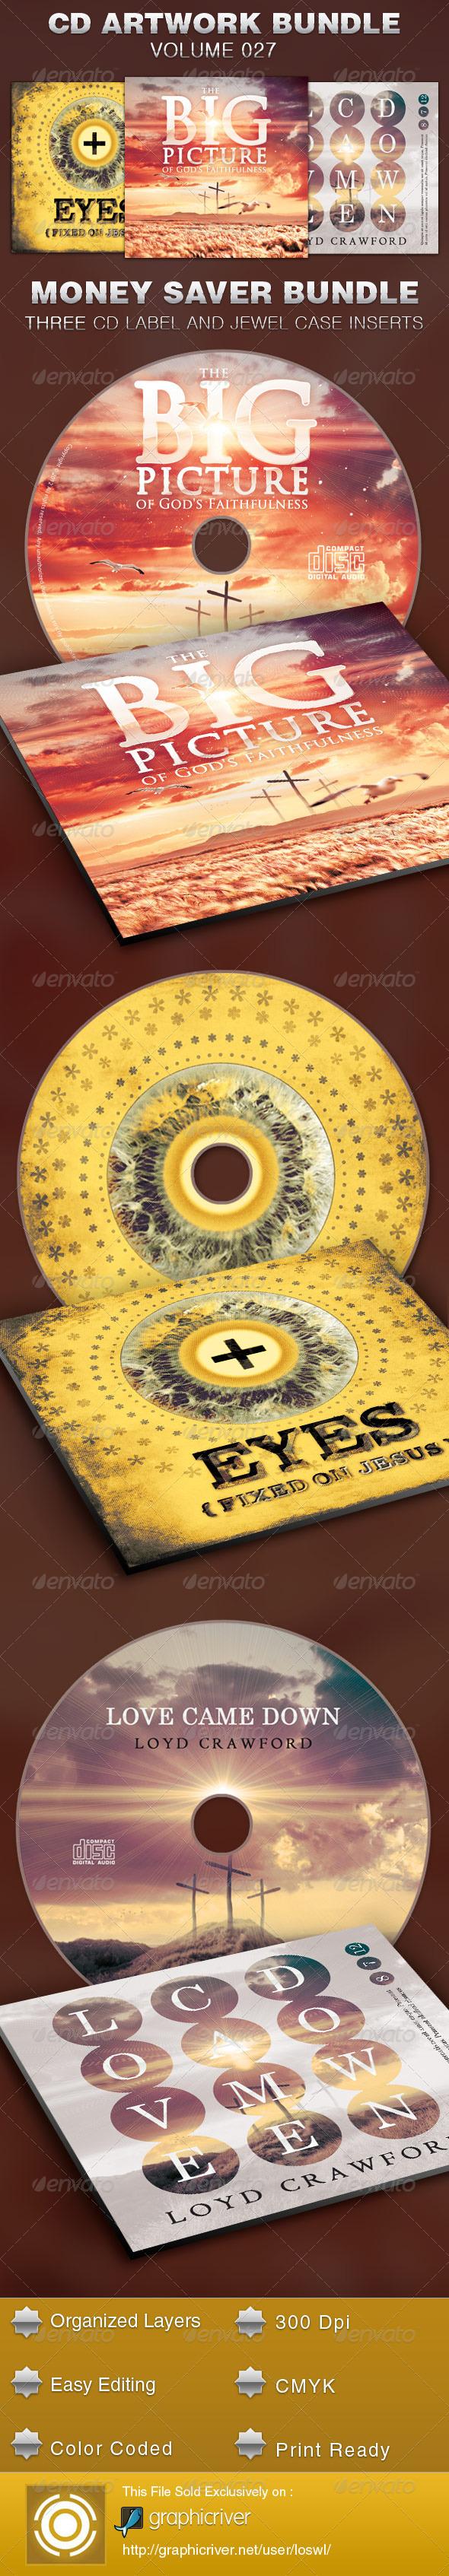 CD Cover Artwork Template Bundle-Vol 027